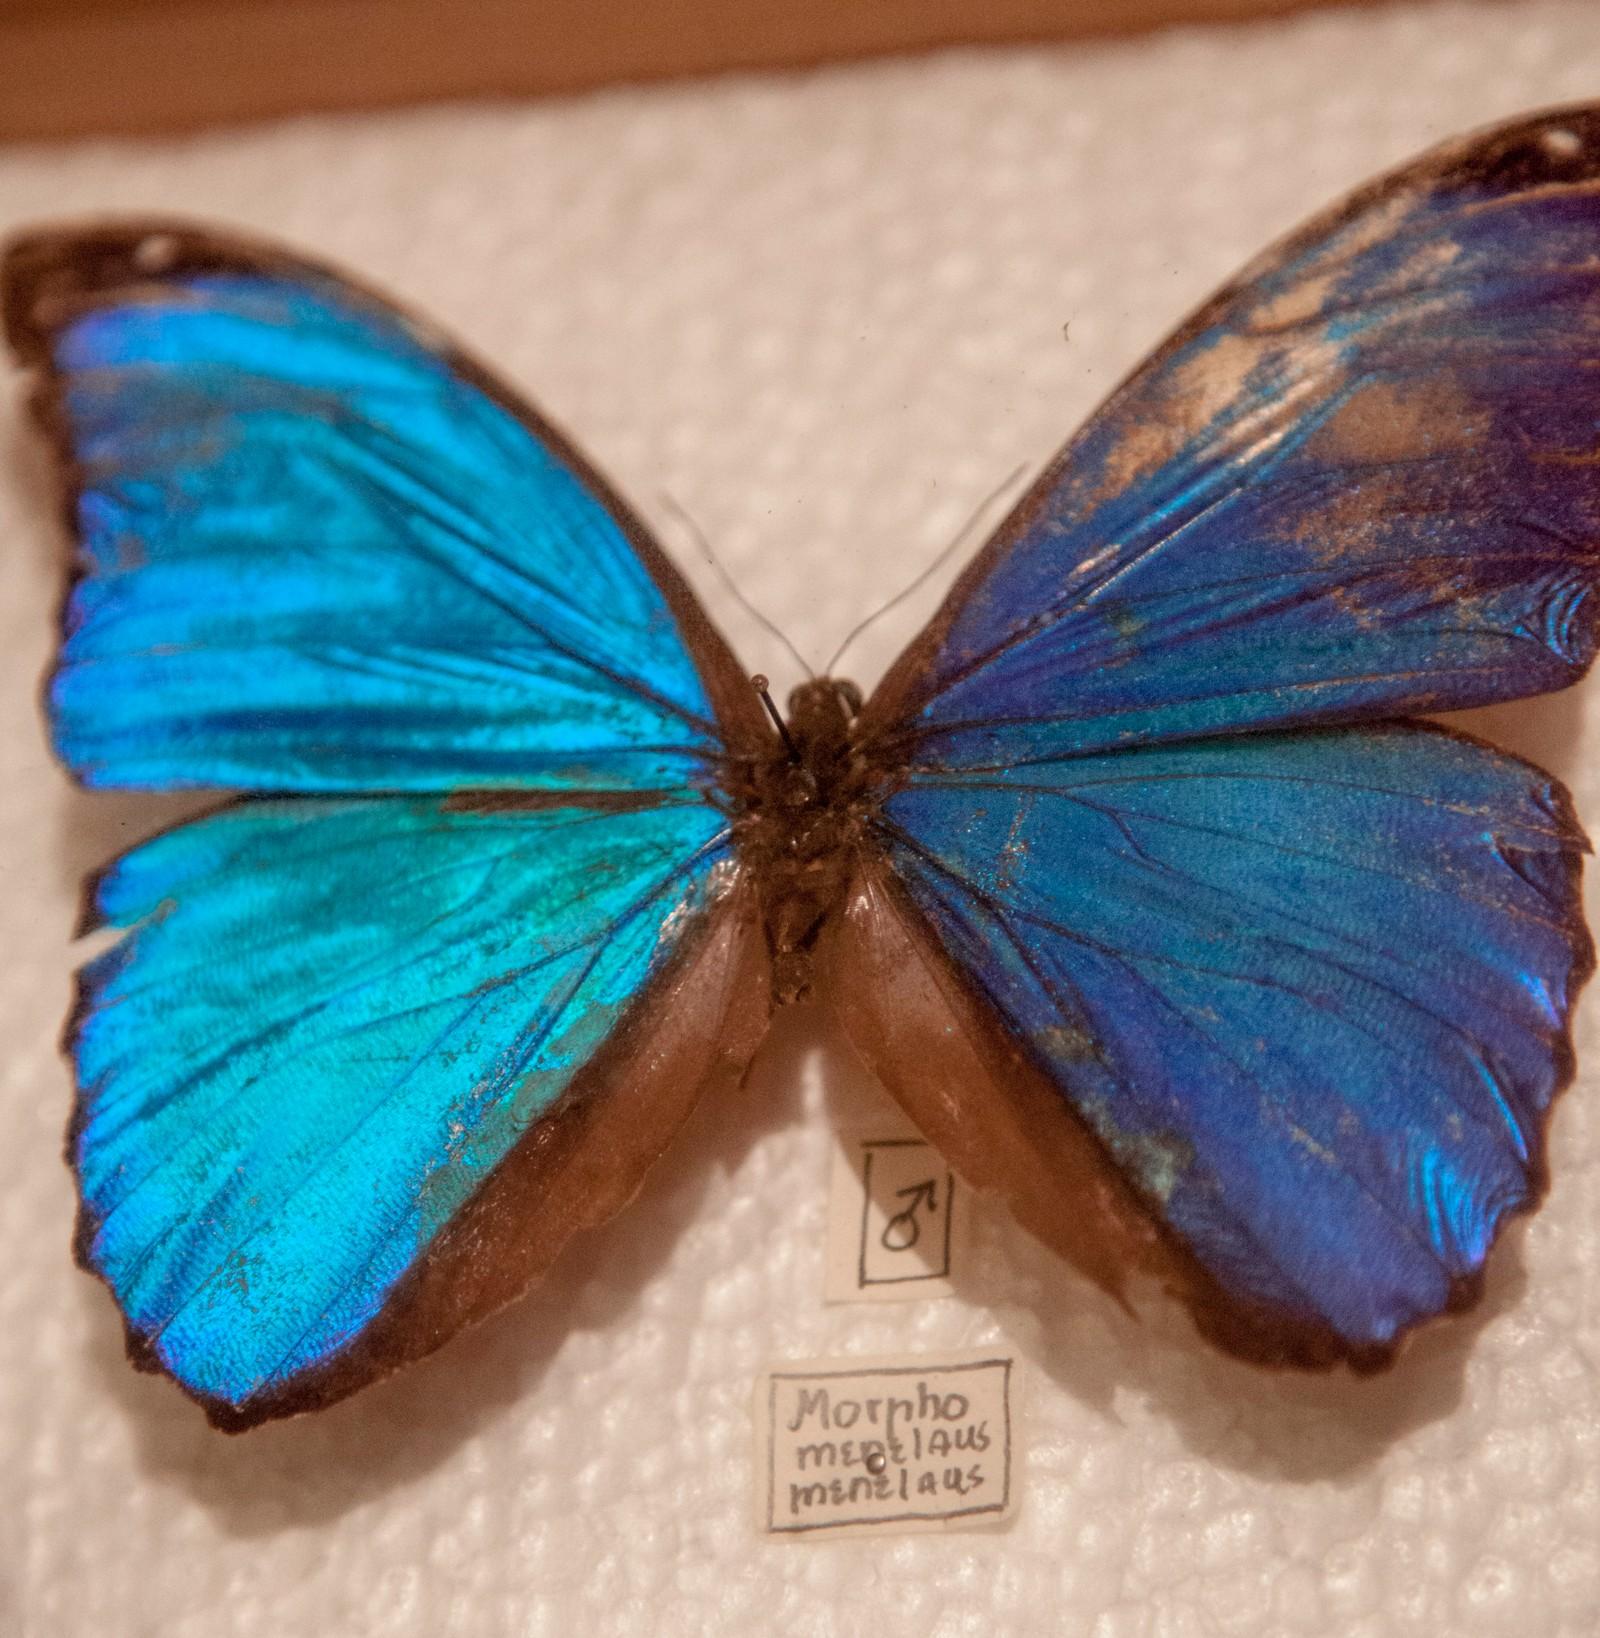 Den blå morpho-sommerfuglen fra regnskogen i Amazonas, har han fanget og stilt ut i glassmonter. Når Nygårdshaug er på skolebesøk har han med seg noen kasser med sommerfugler, for å fortelle elevene om regnskogen og truede arter.